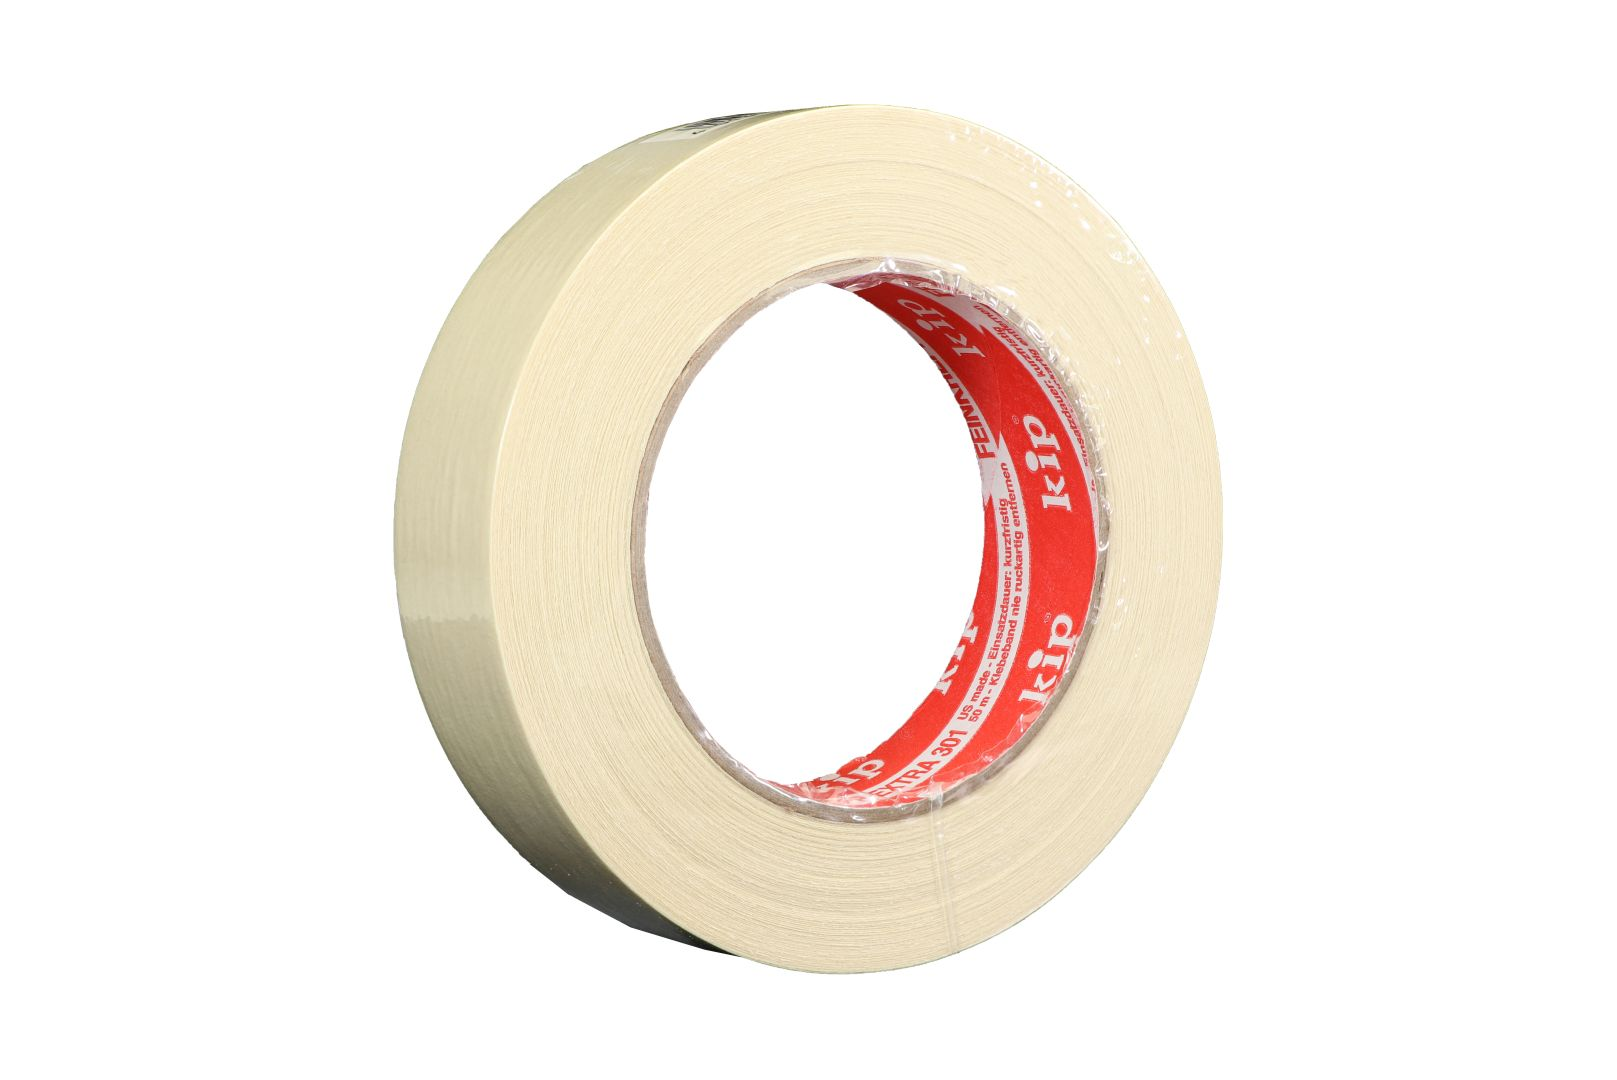 KIP 301-30 Feinkrepp extra, Kreppband, beige, 30 mm x 50 m